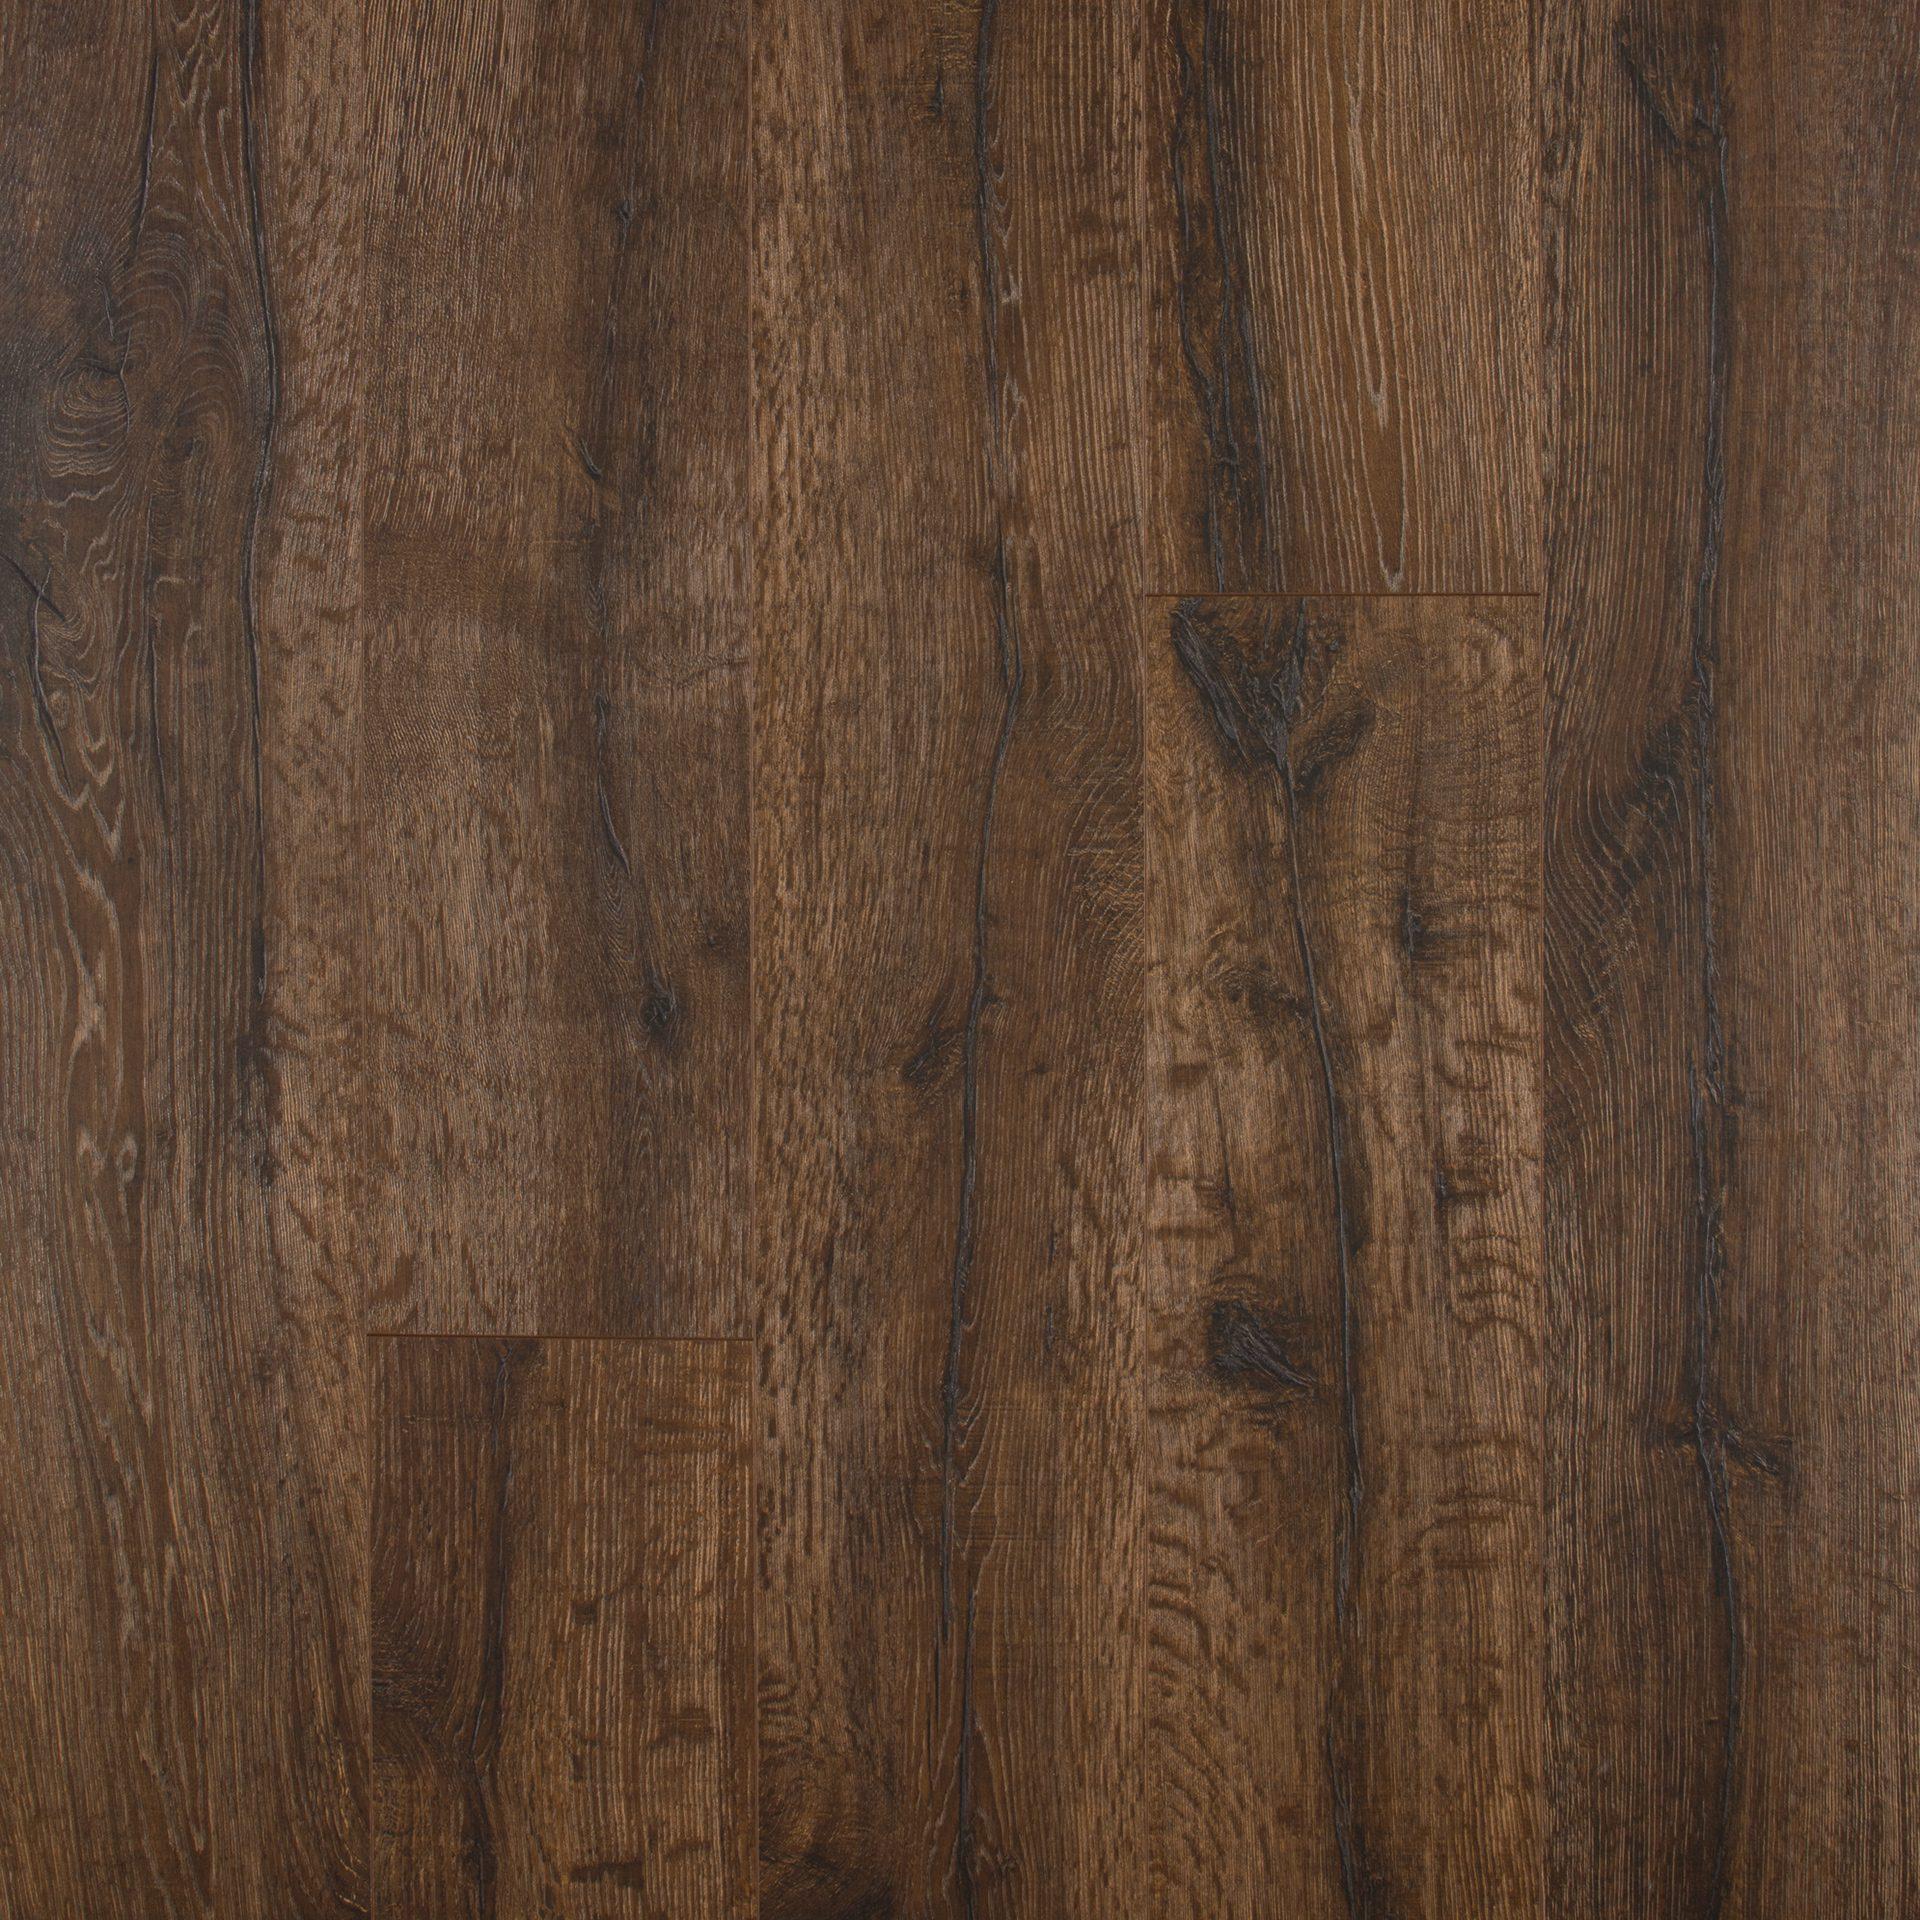 Tudor Oak Reclaimé Collection laminate